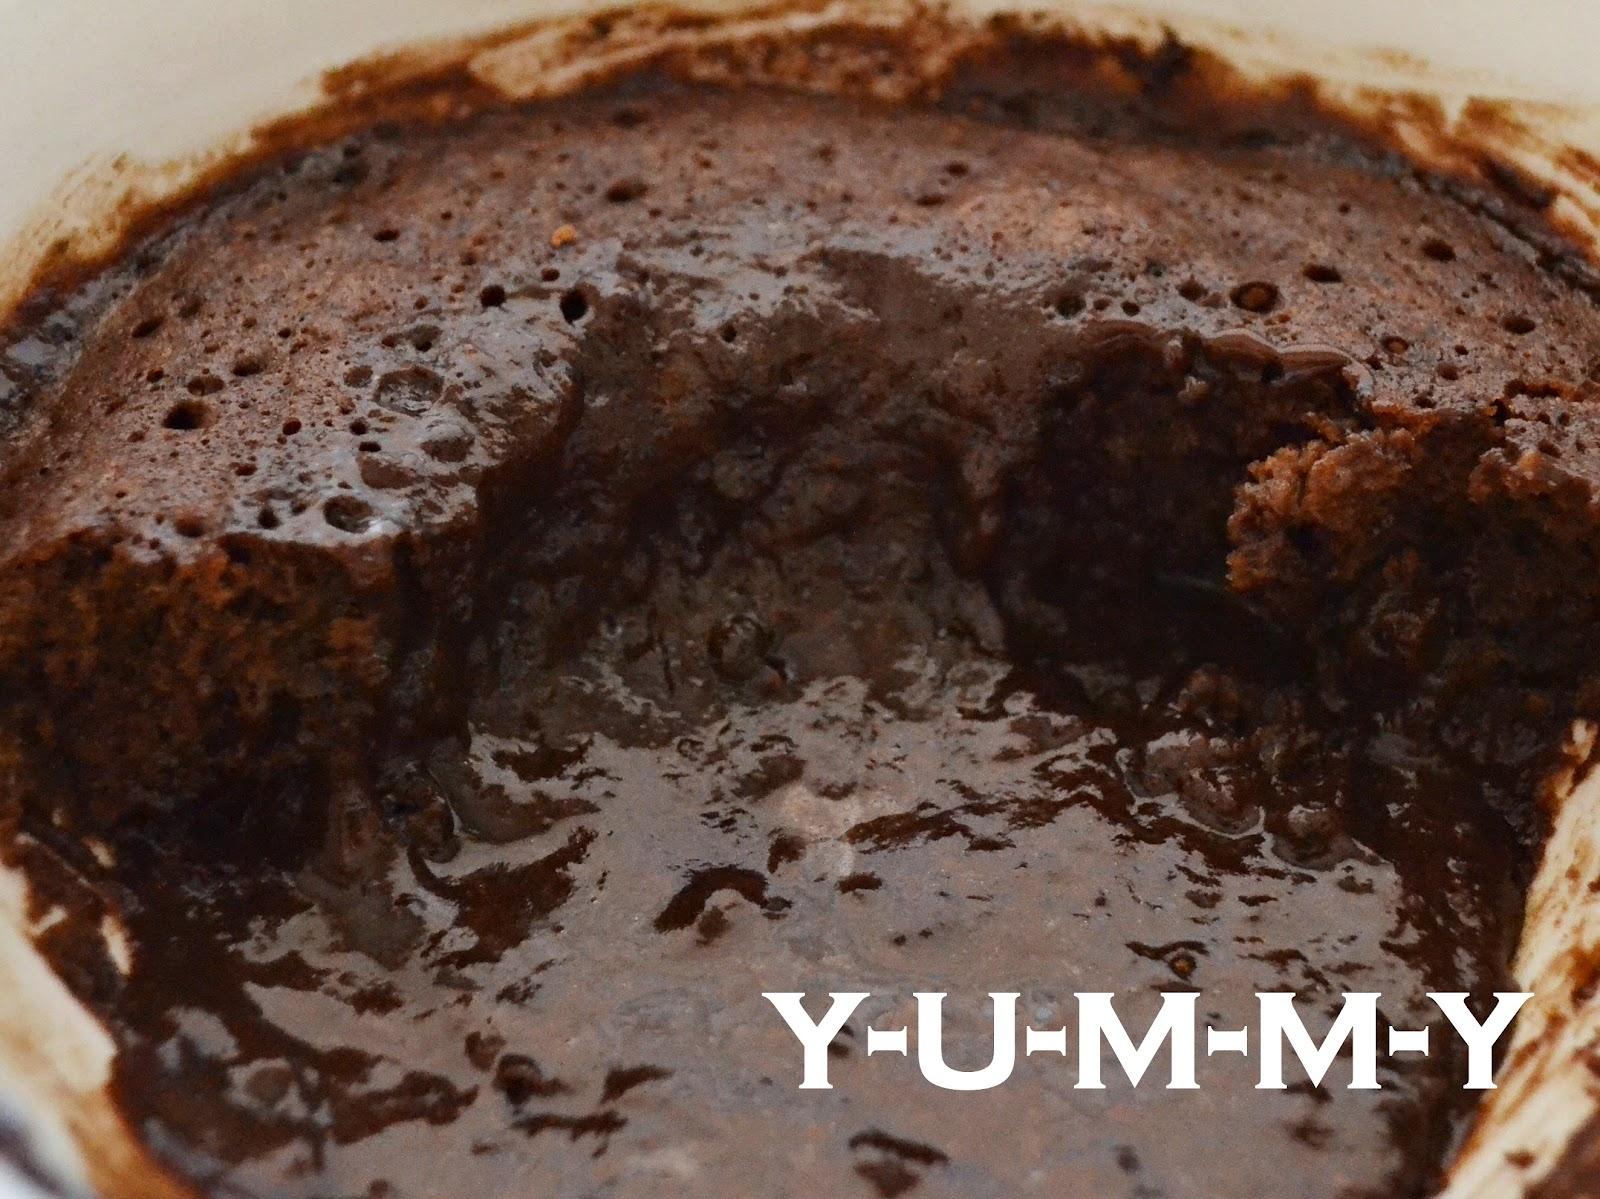 Y-U-M-M-Y: Microwave Chocolate Cake - A Sweet Treat Under 5 Minutes